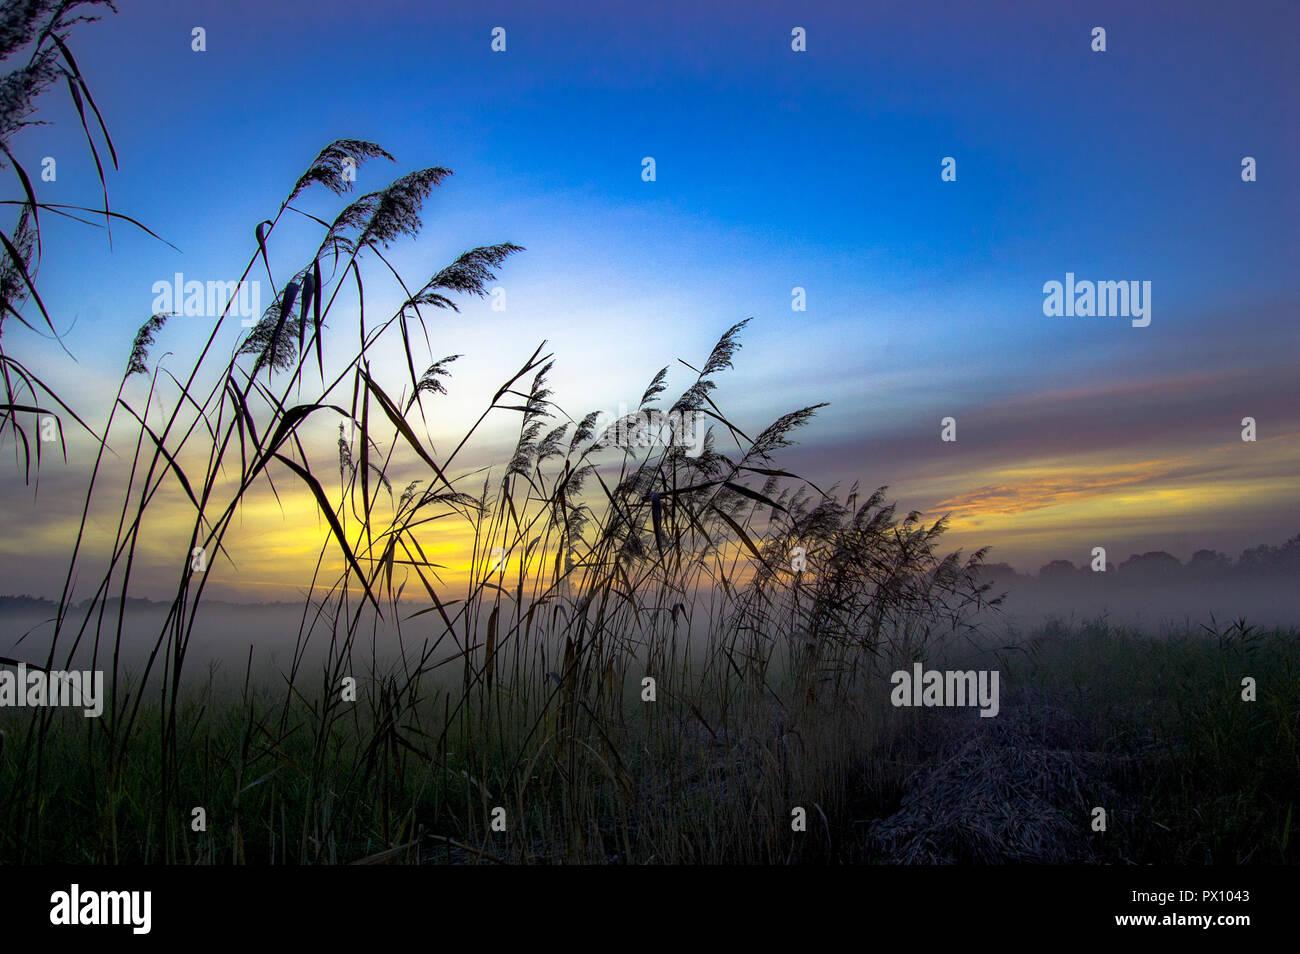 Misty roseaux pendant le coucher du soleil sur un fond de nuages colorés, roseau commun avec brouillard paysage Photo Stock